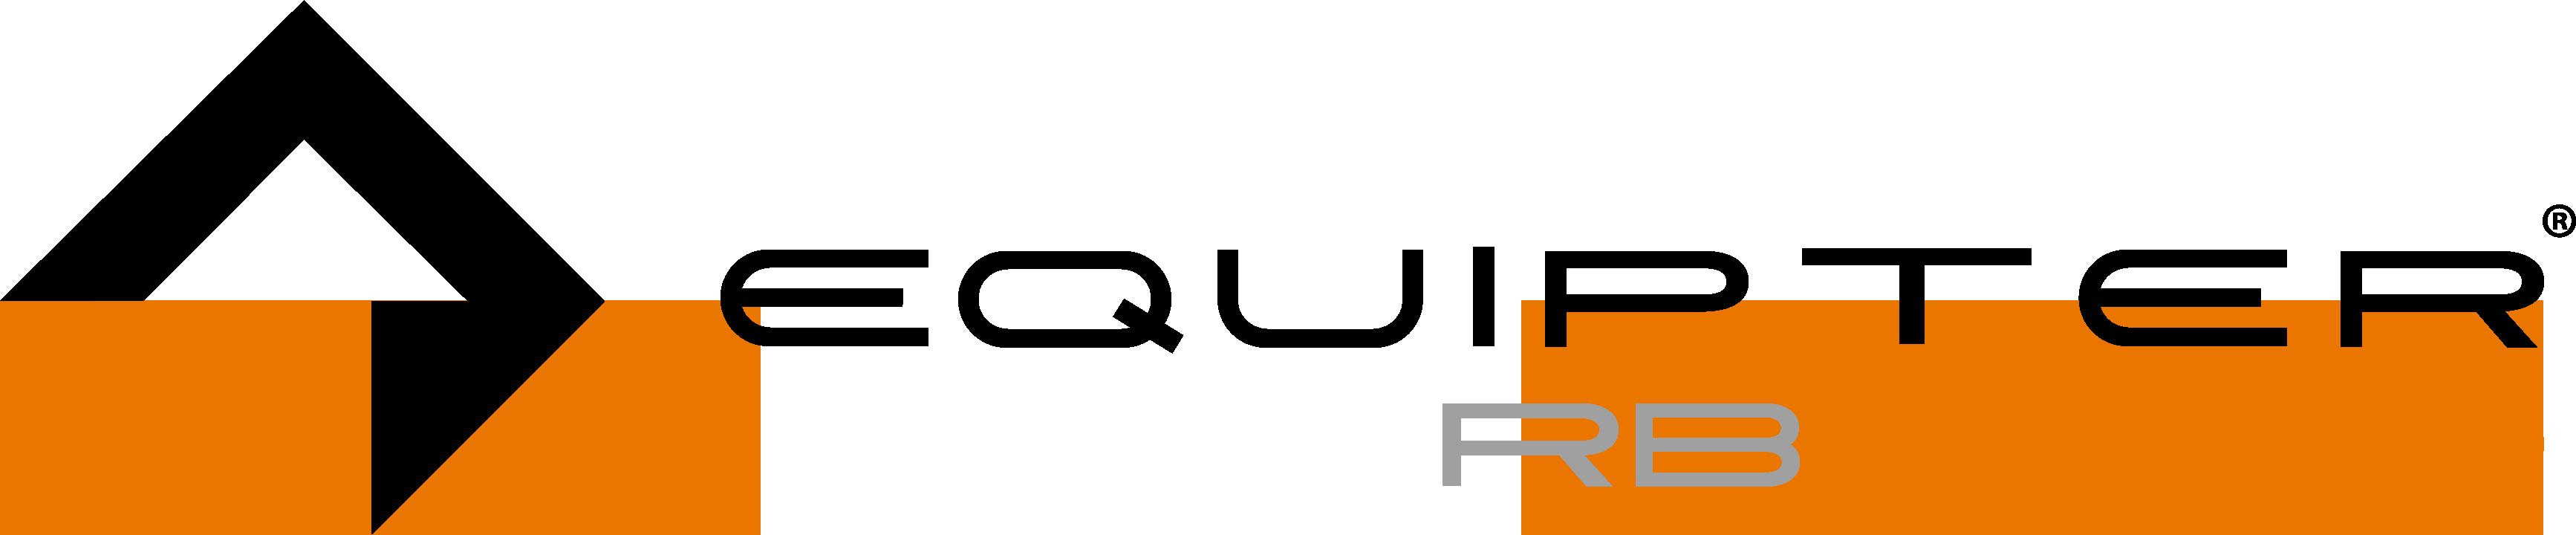 RB2000 Full Logo